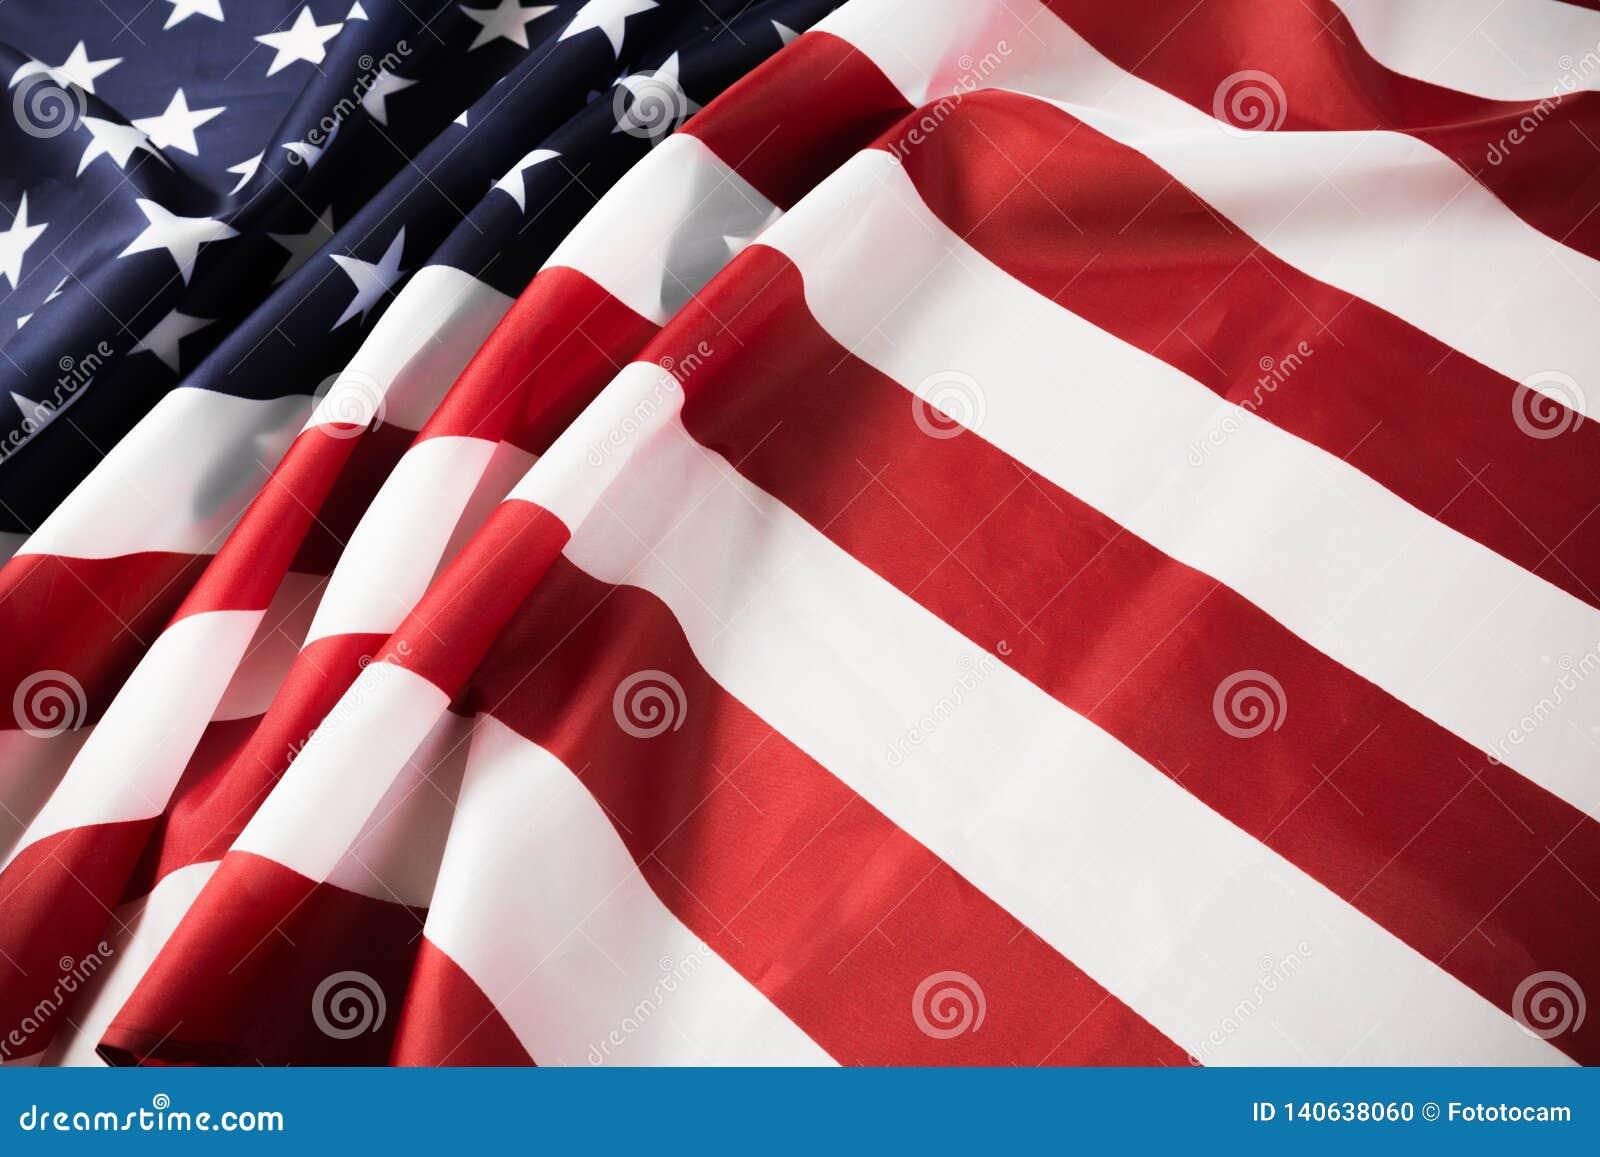 Предпосылка американского флага развевая День независимости, День памяти погибших в войнах, День Труда - изображение